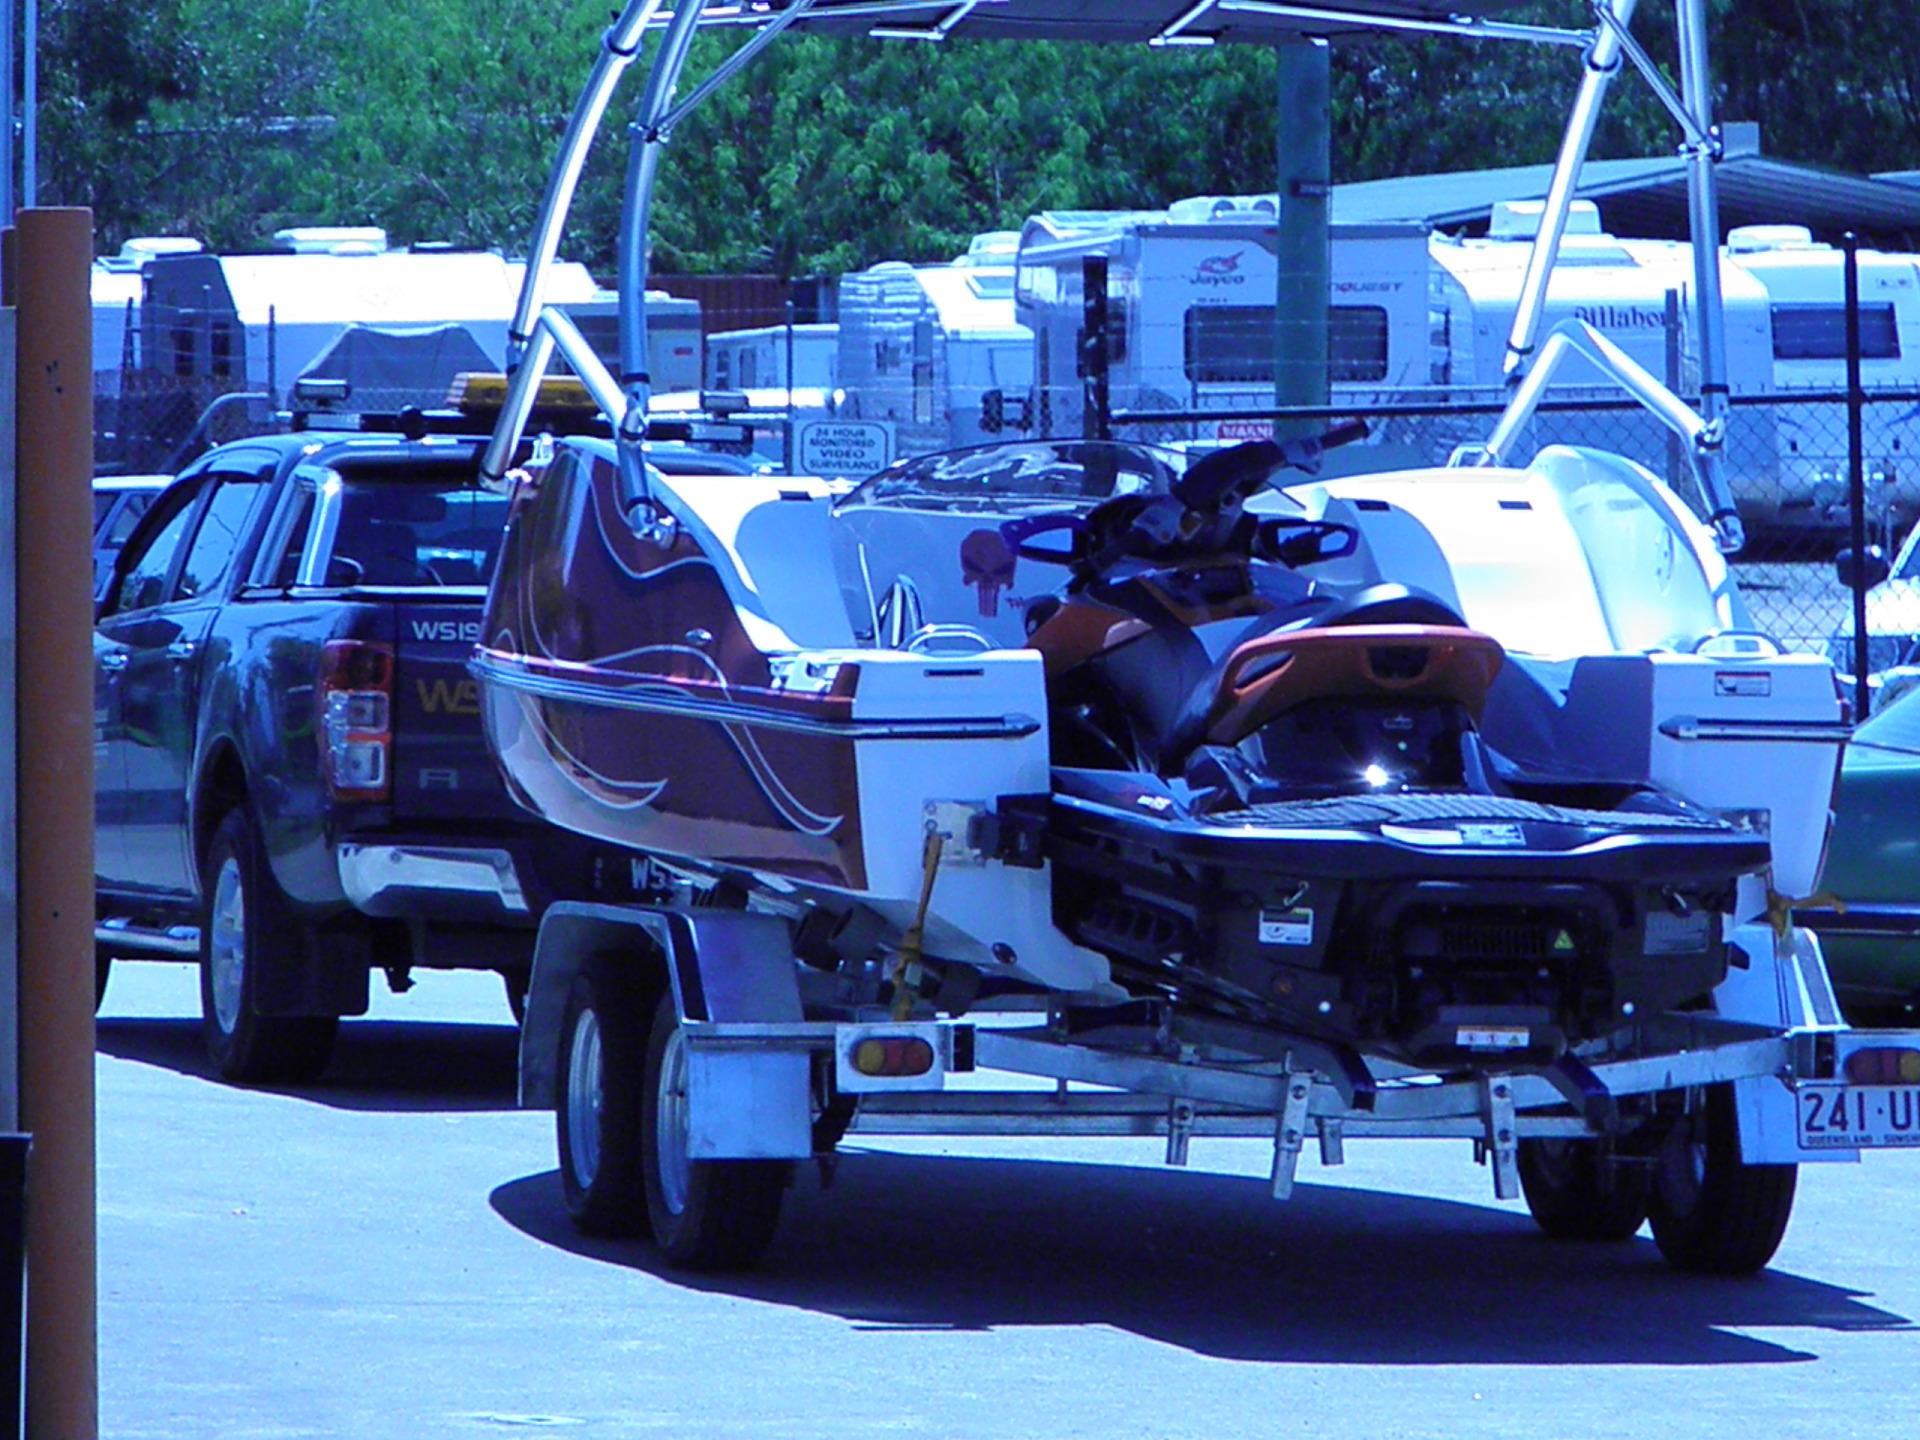 What Jetski`s fit into the 2Ezy Jet Ski Boat?